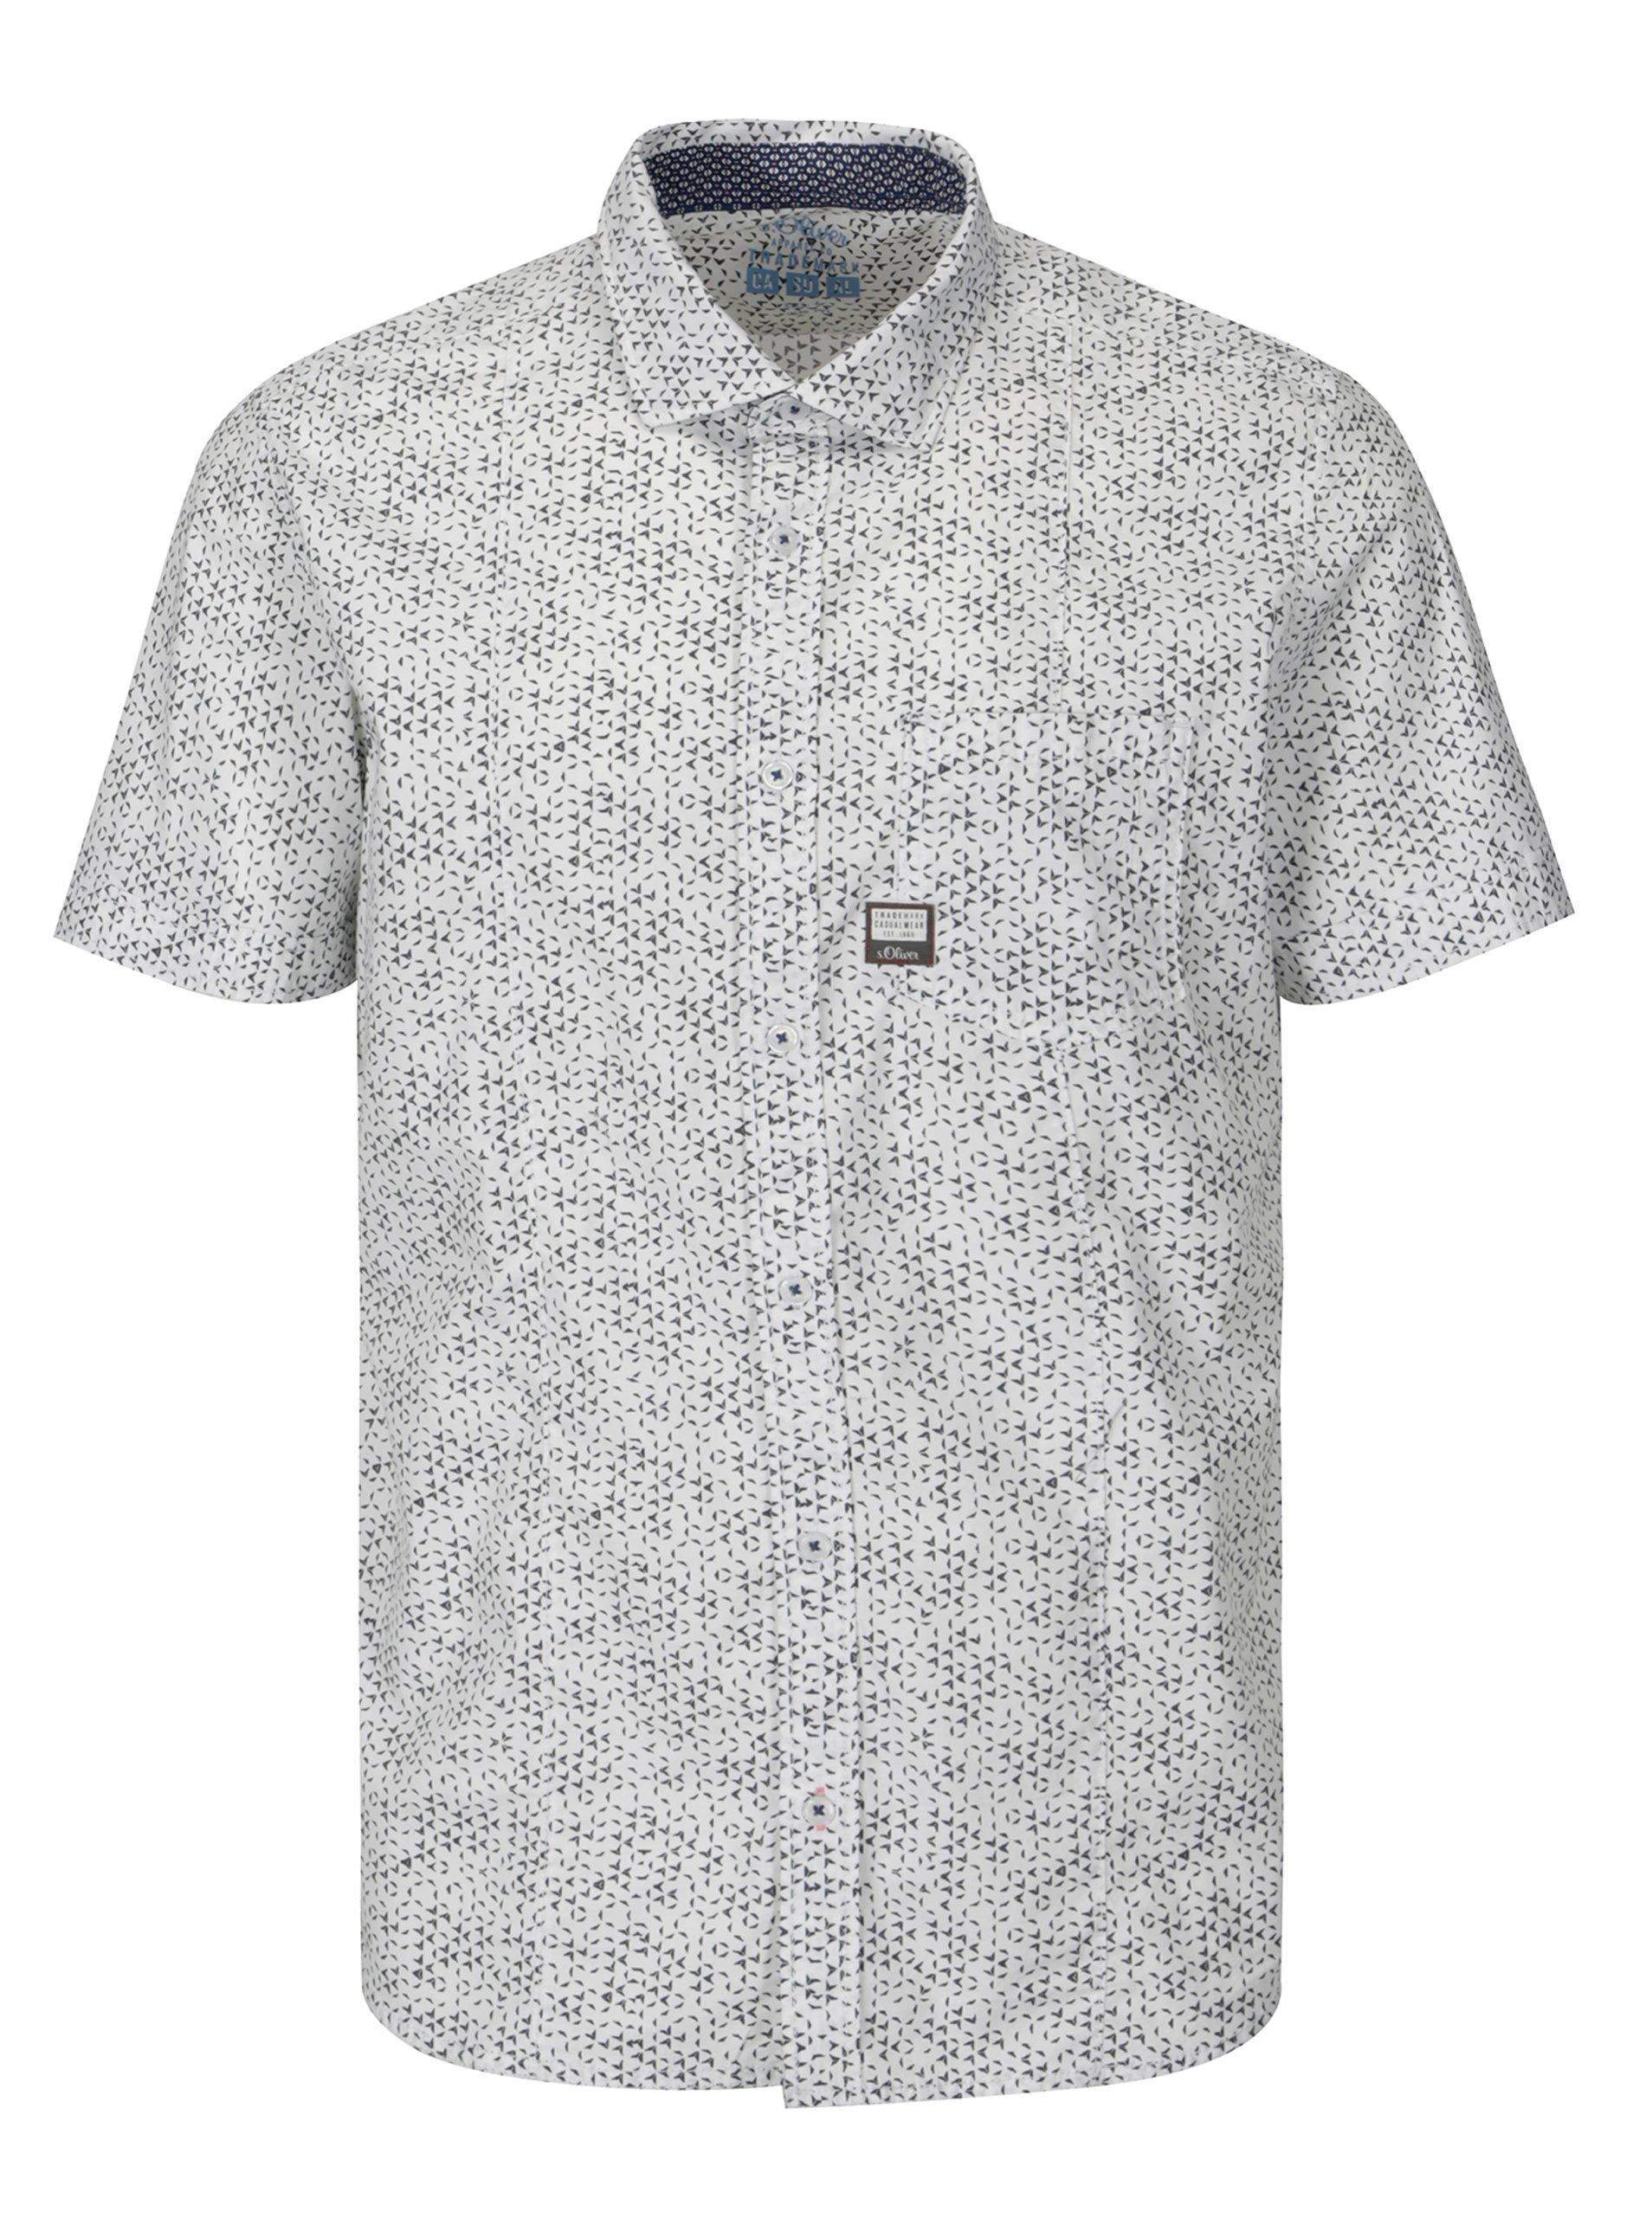 25140b30c111 Šedo-bílá pánská vzorovaná slim fit košile s.Oliver